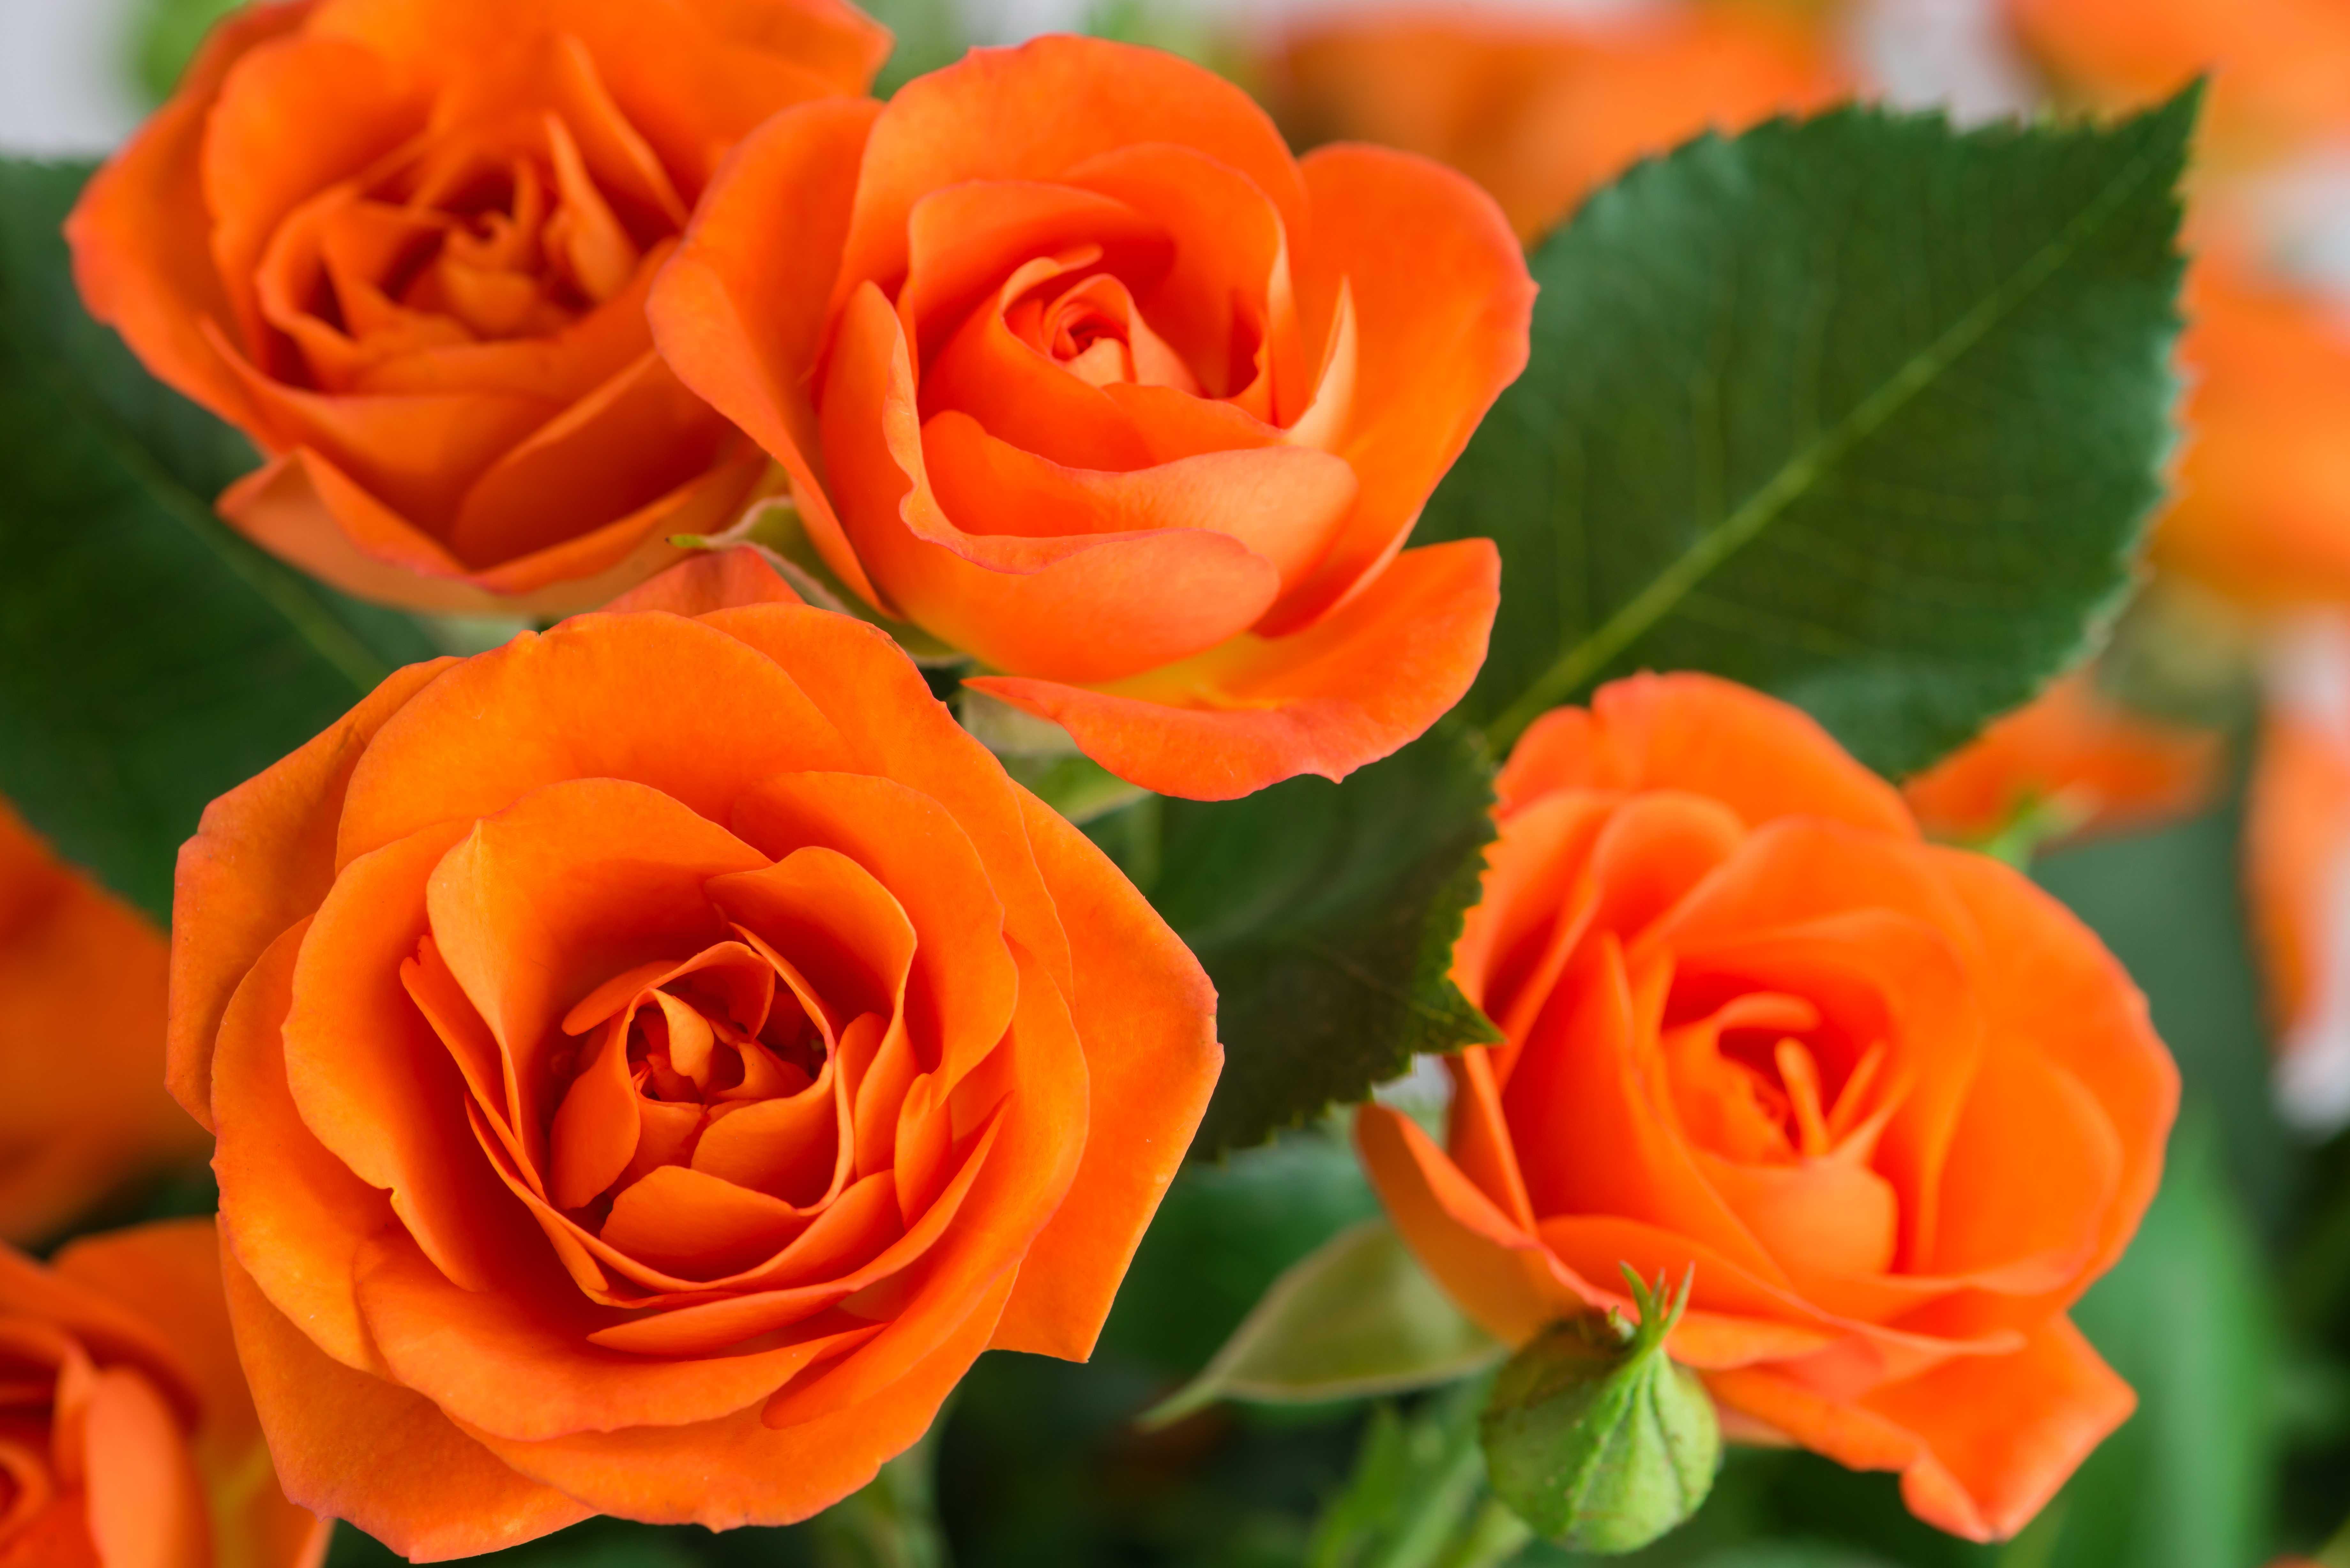 оранжевая роза фото и открытки артистов этом сериале